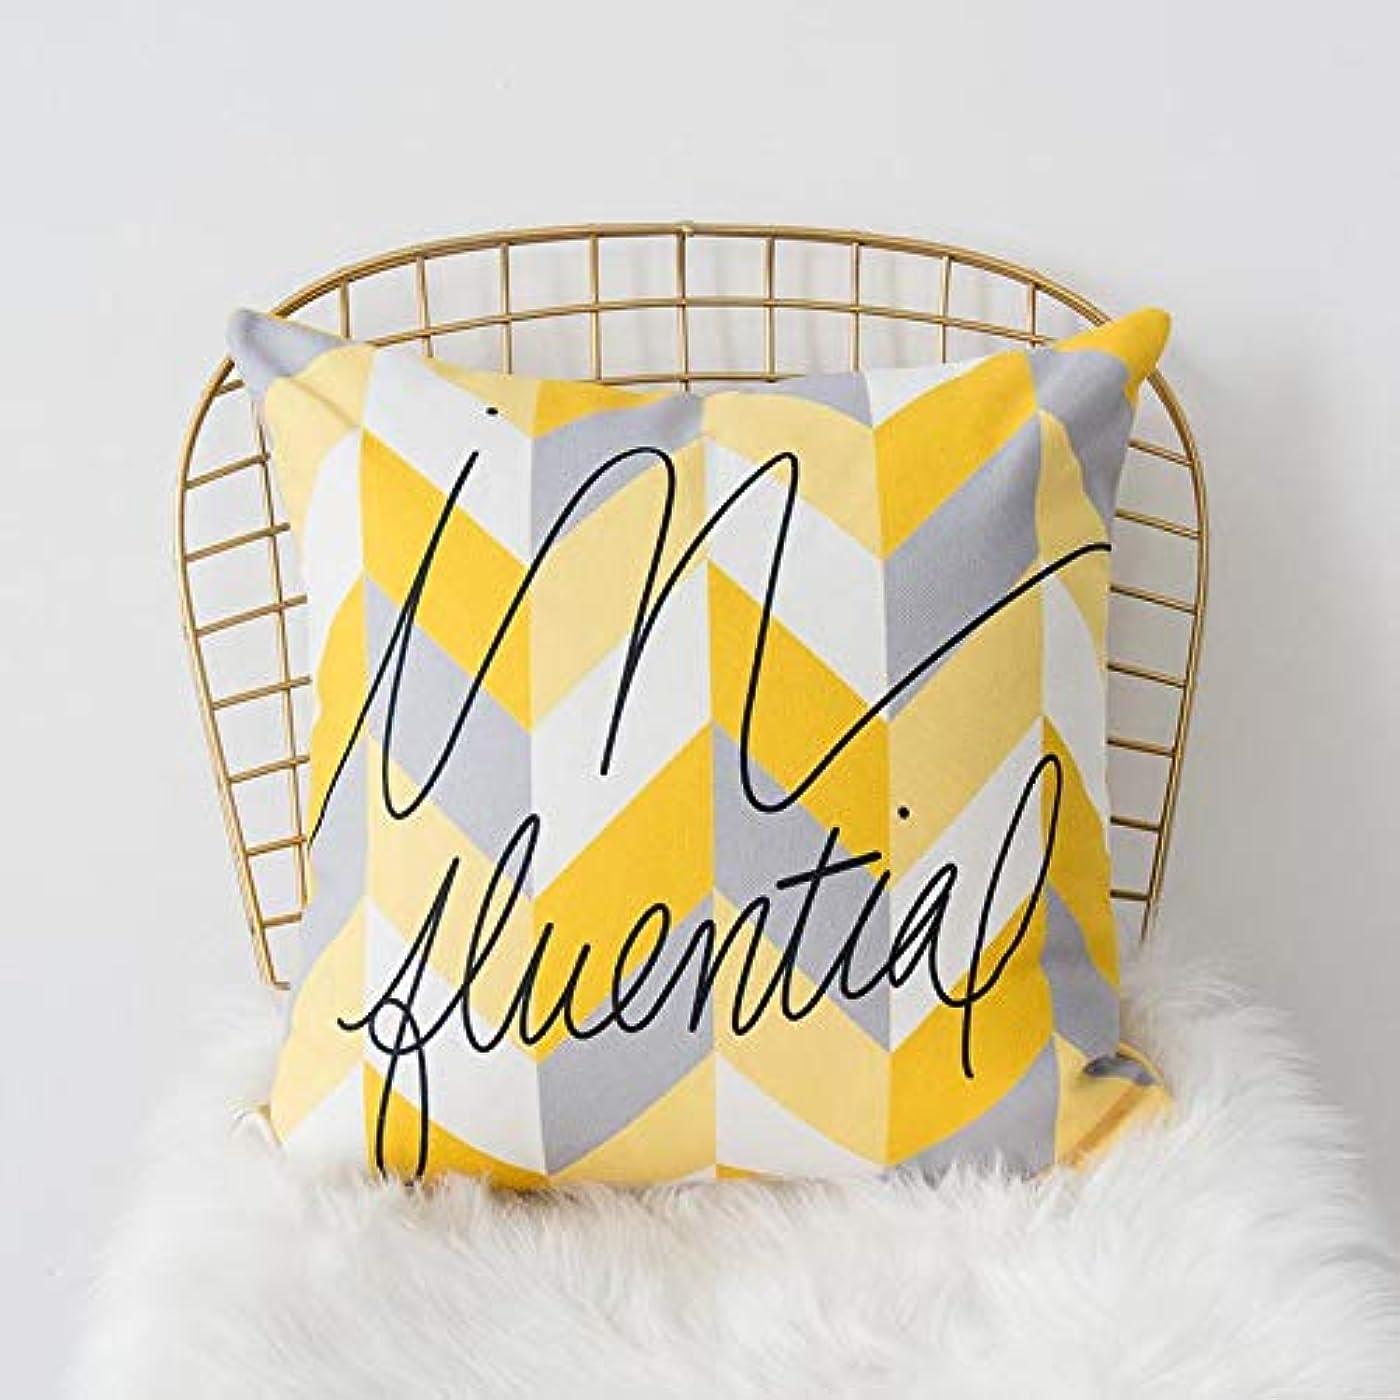 運営骨折影響SMART 黄色グレー枕北欧スタイル黄色ヘラジカ幾何枕リビングルームのインテリアソファクッション Cojines 装飾良質 クッション 椅子